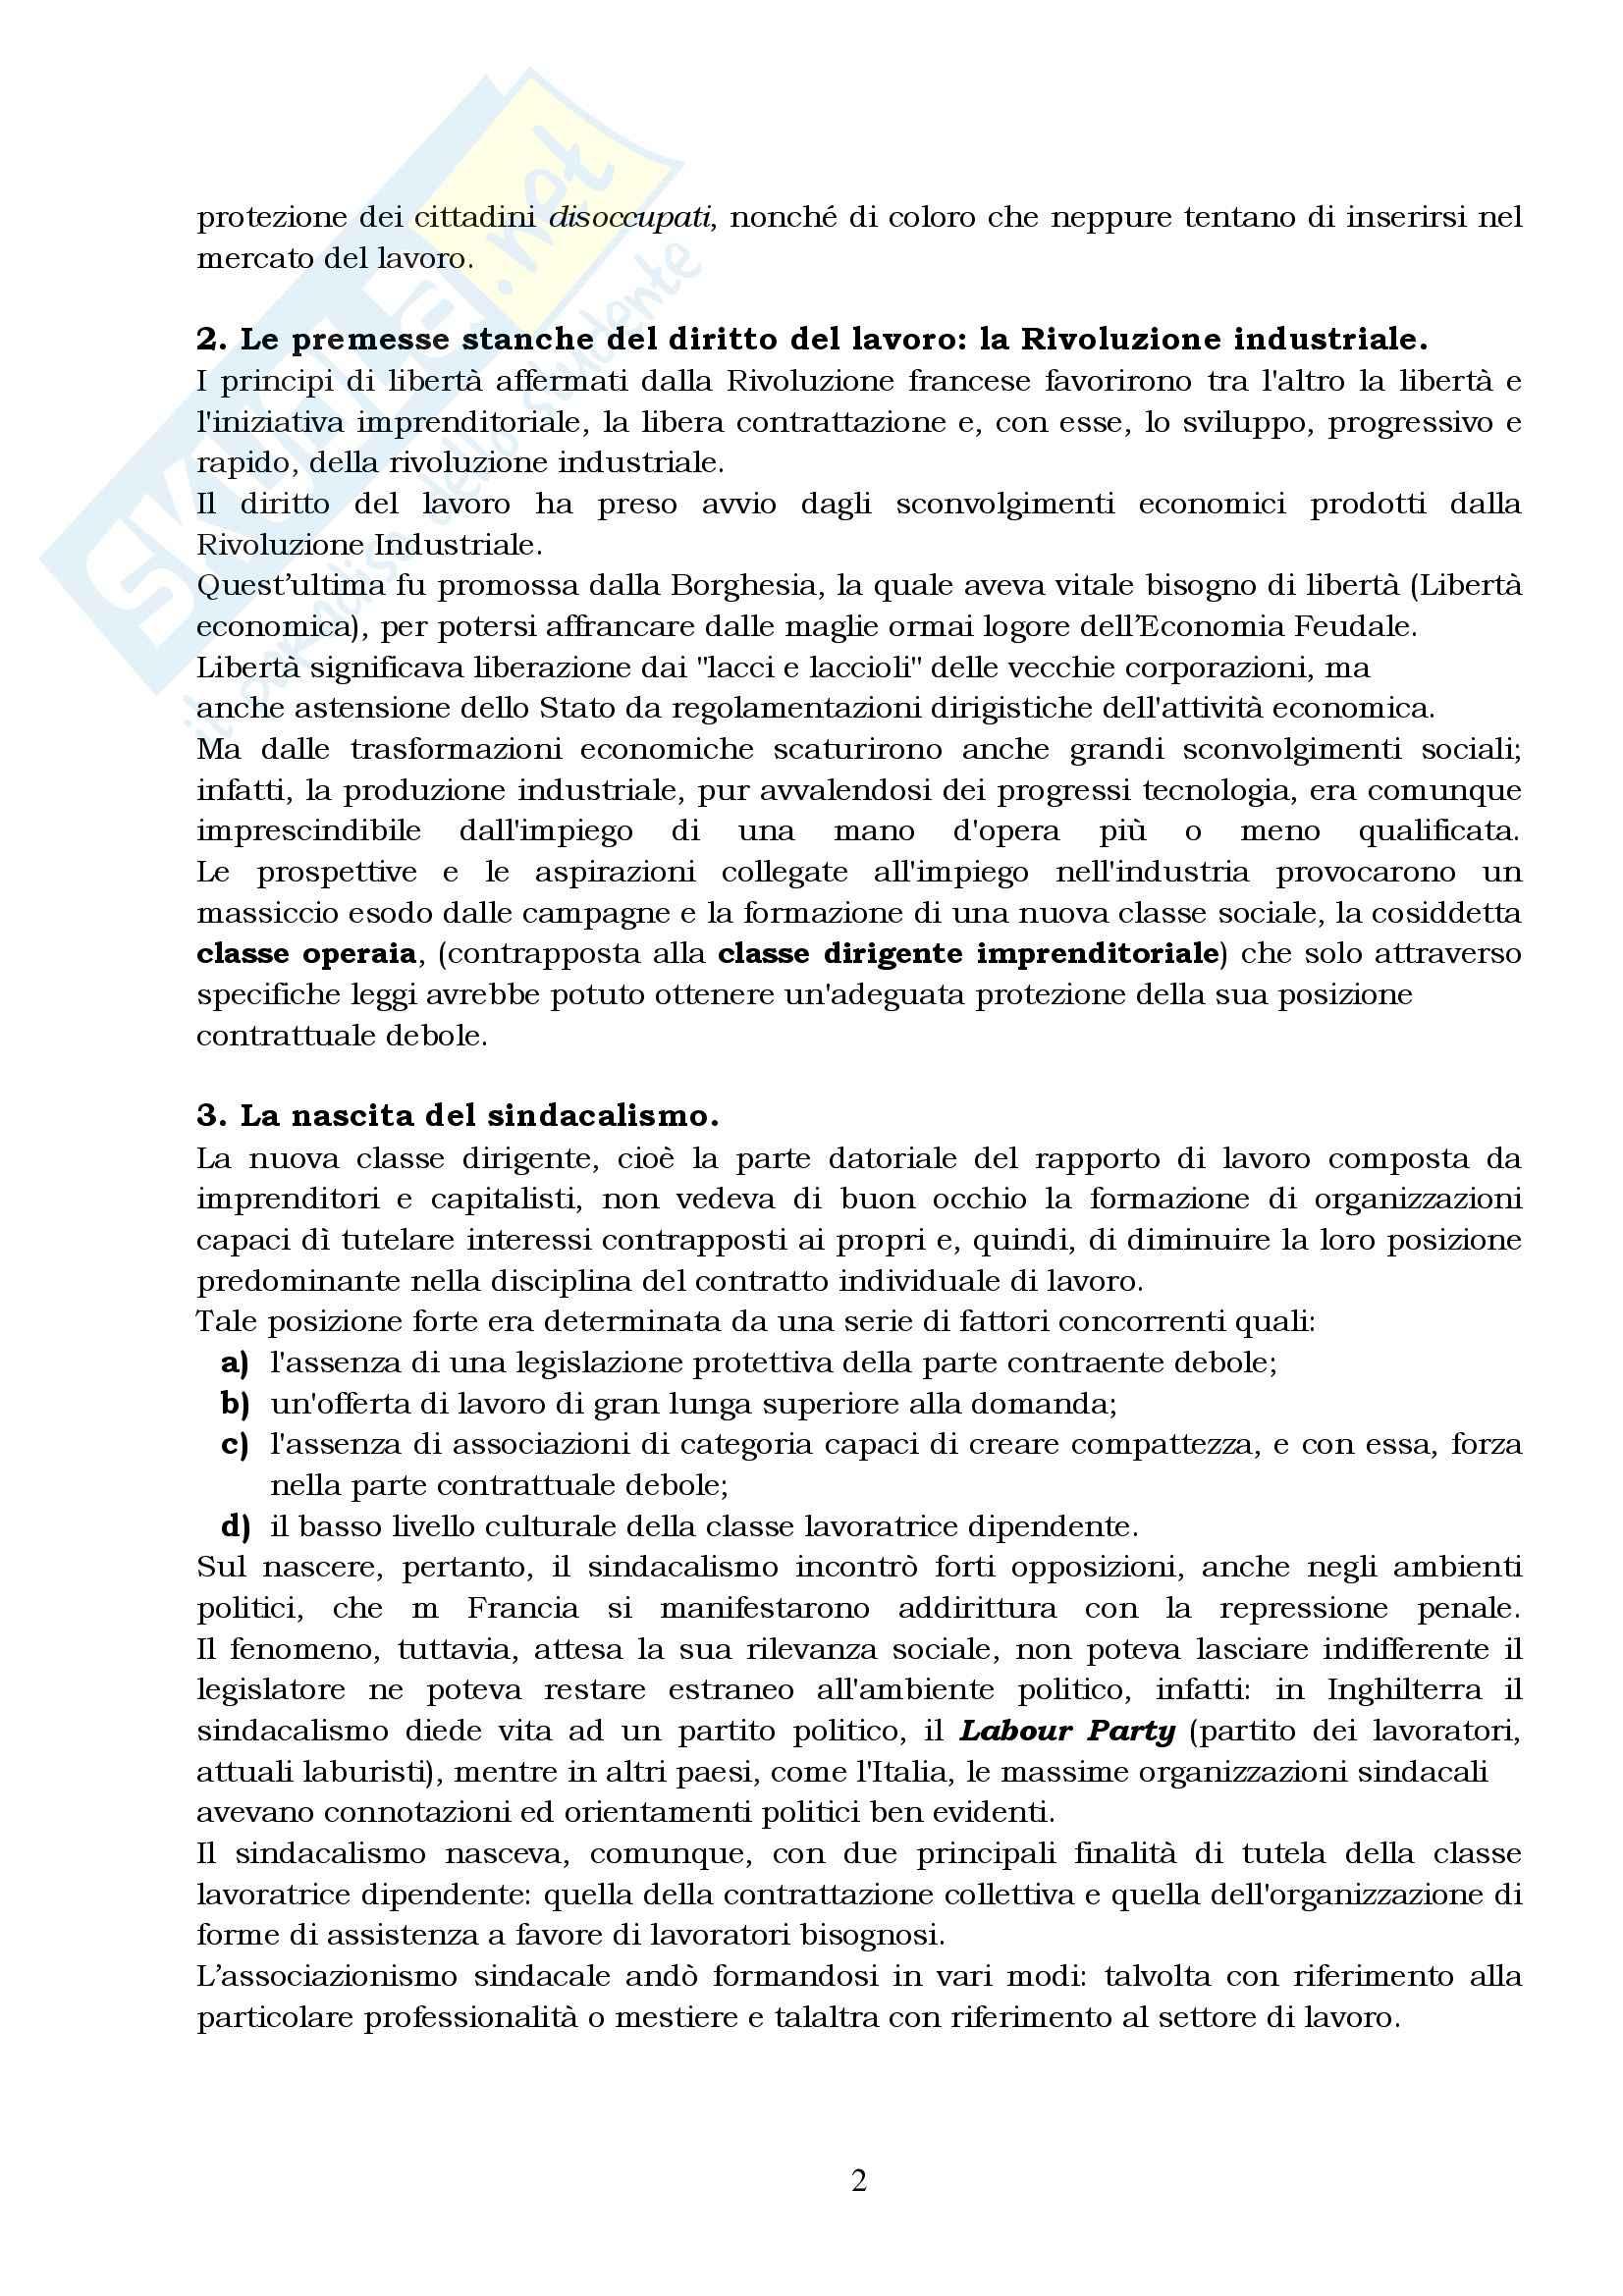 Lezioni di diritto del lavoro, Del Punta Pag. 2